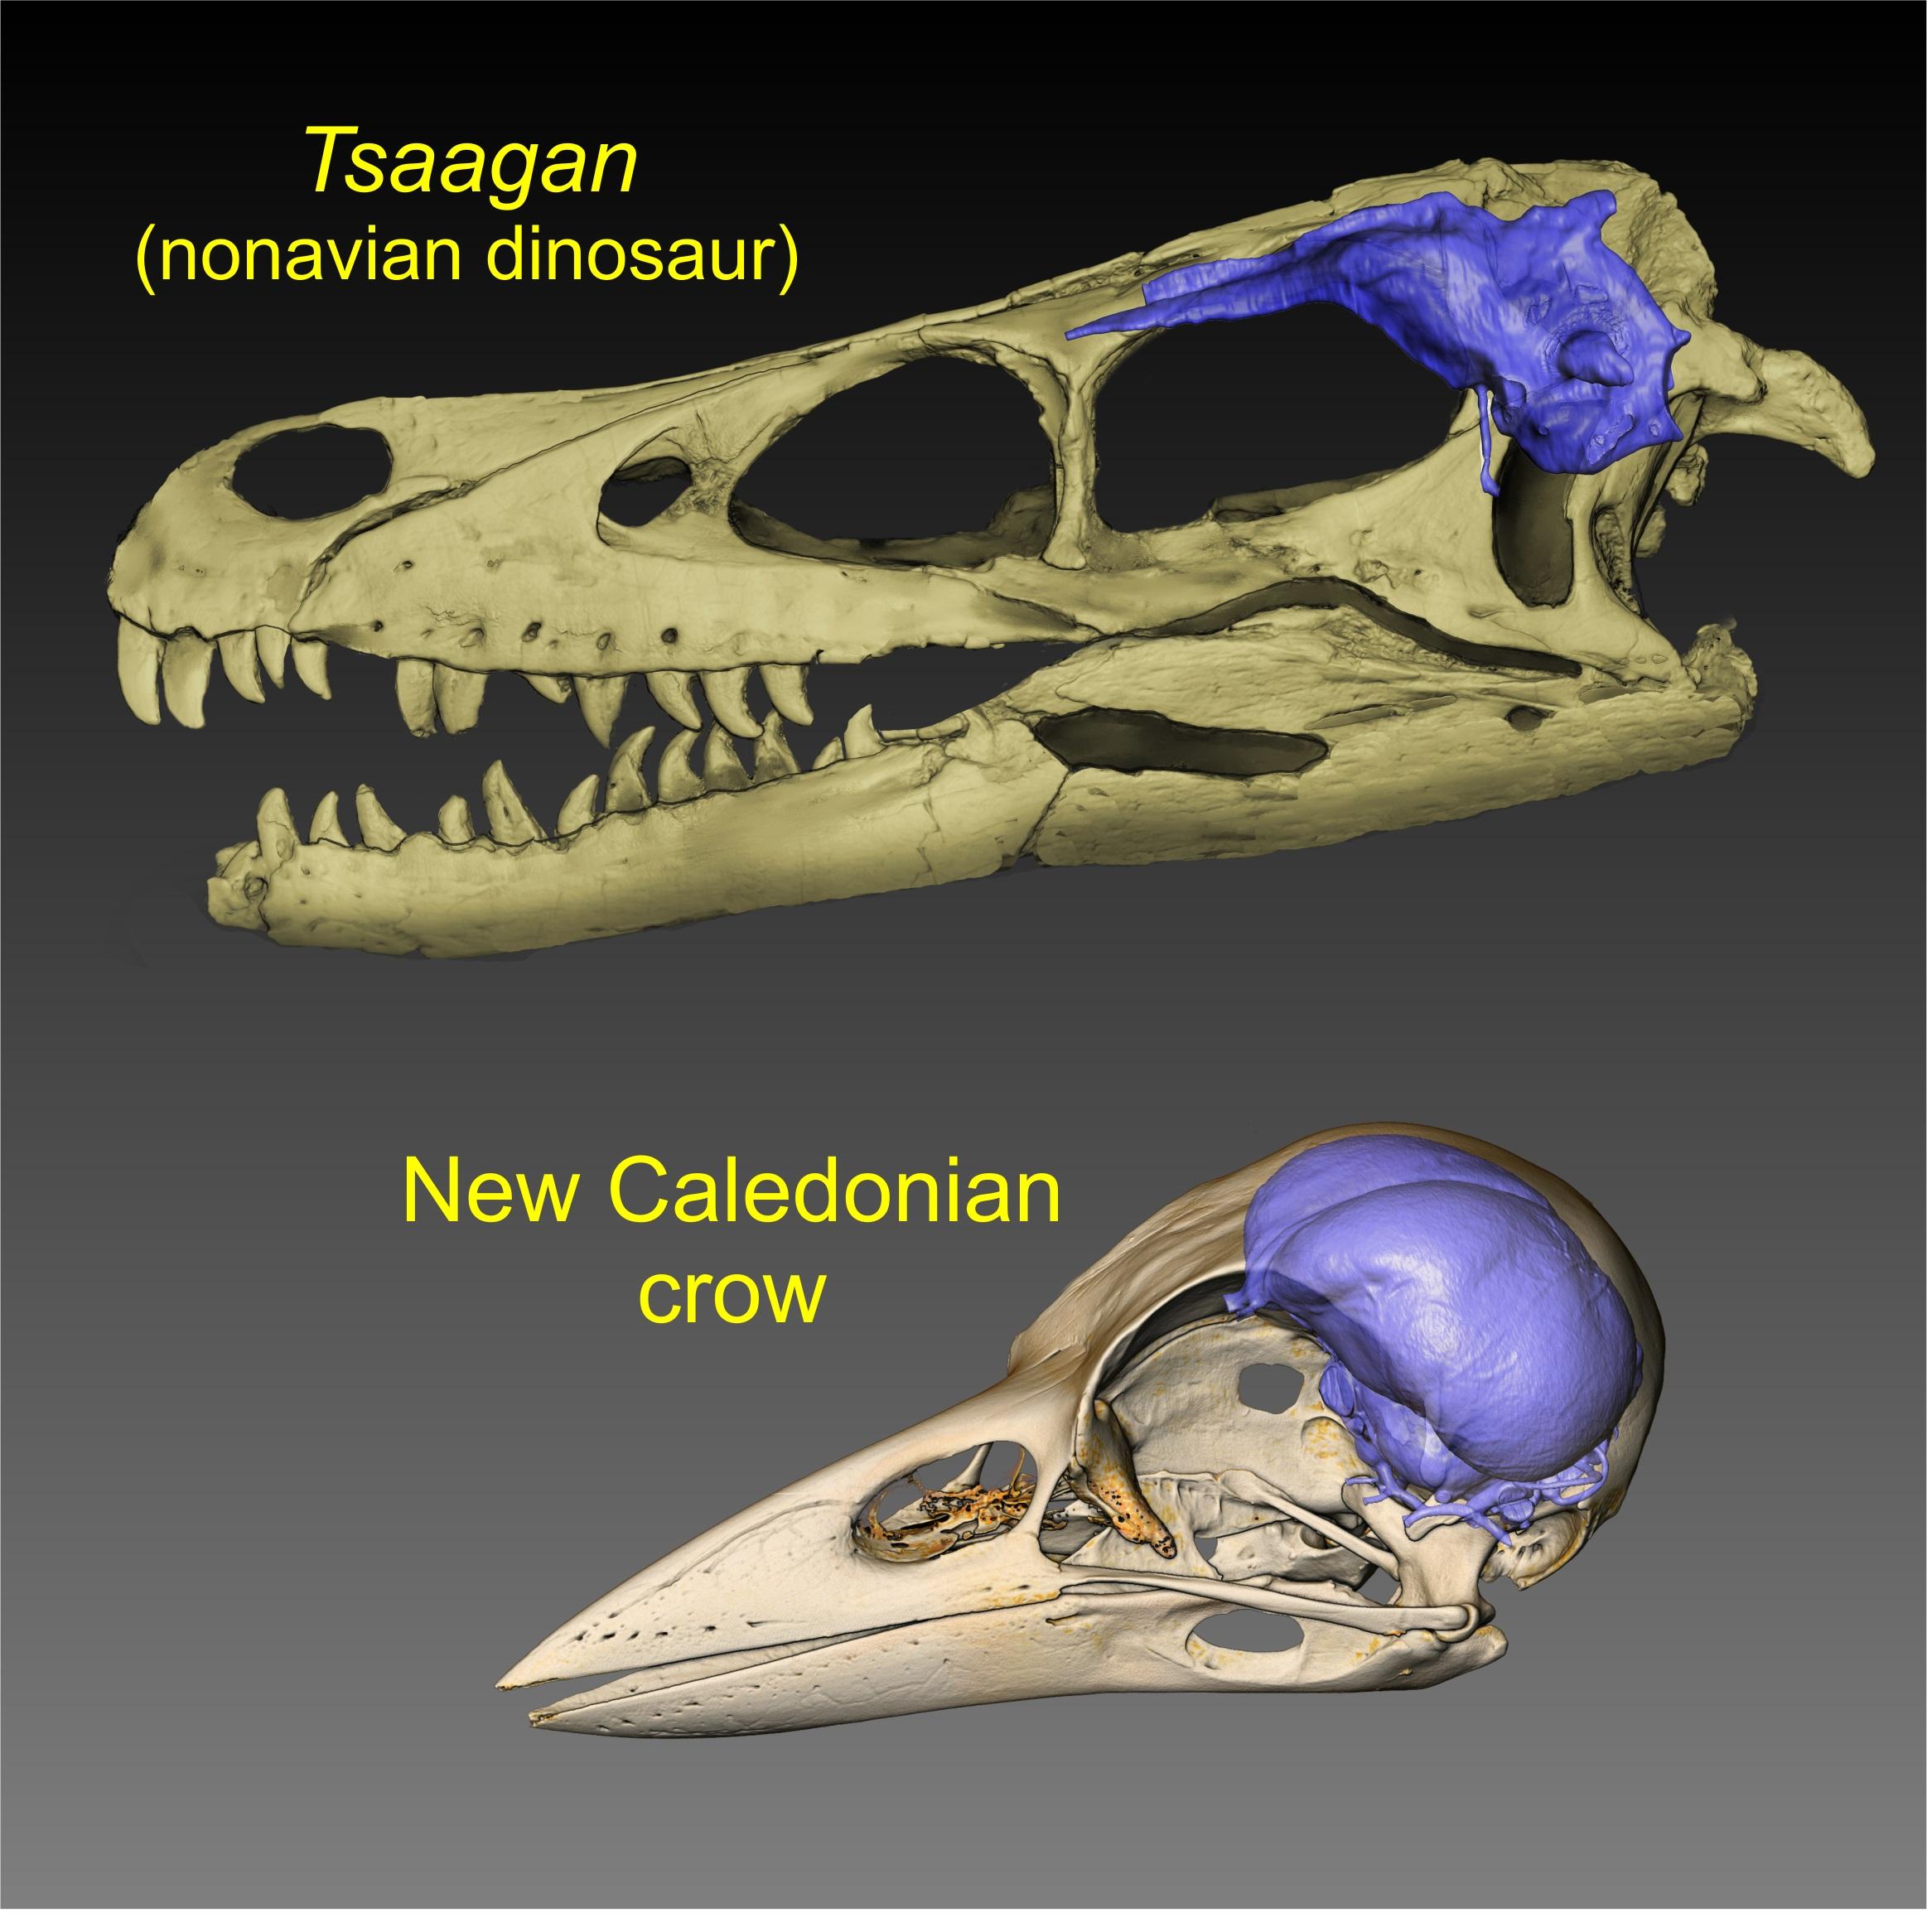 Мел-палеогеновое вымирание стало отправной точкой эволюции птичьего мозга, каким мы его знаем.